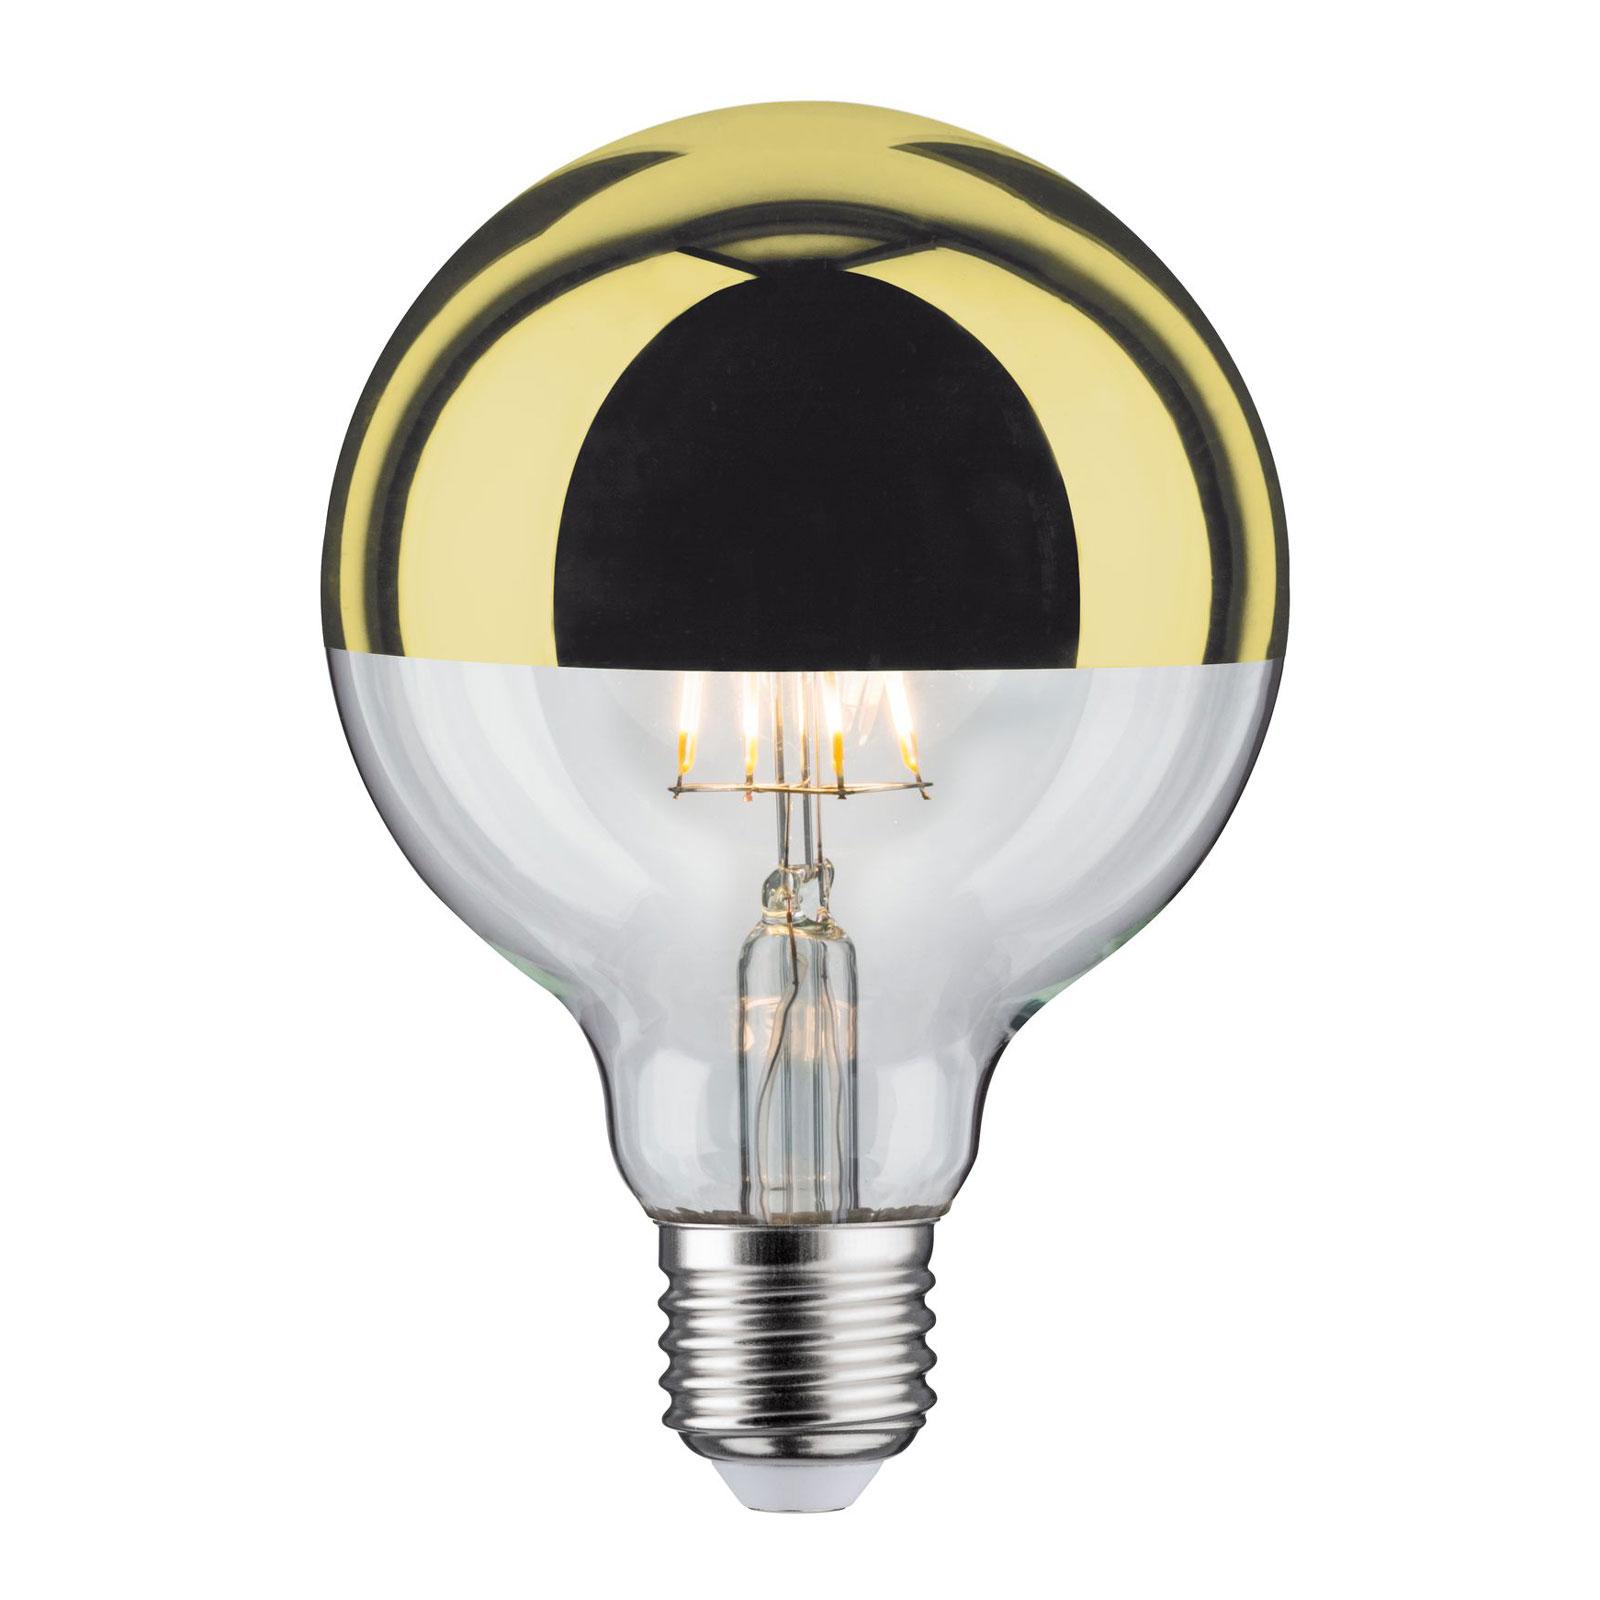 LED-Lampe E27 827 6,5W Kopfspiegel gold